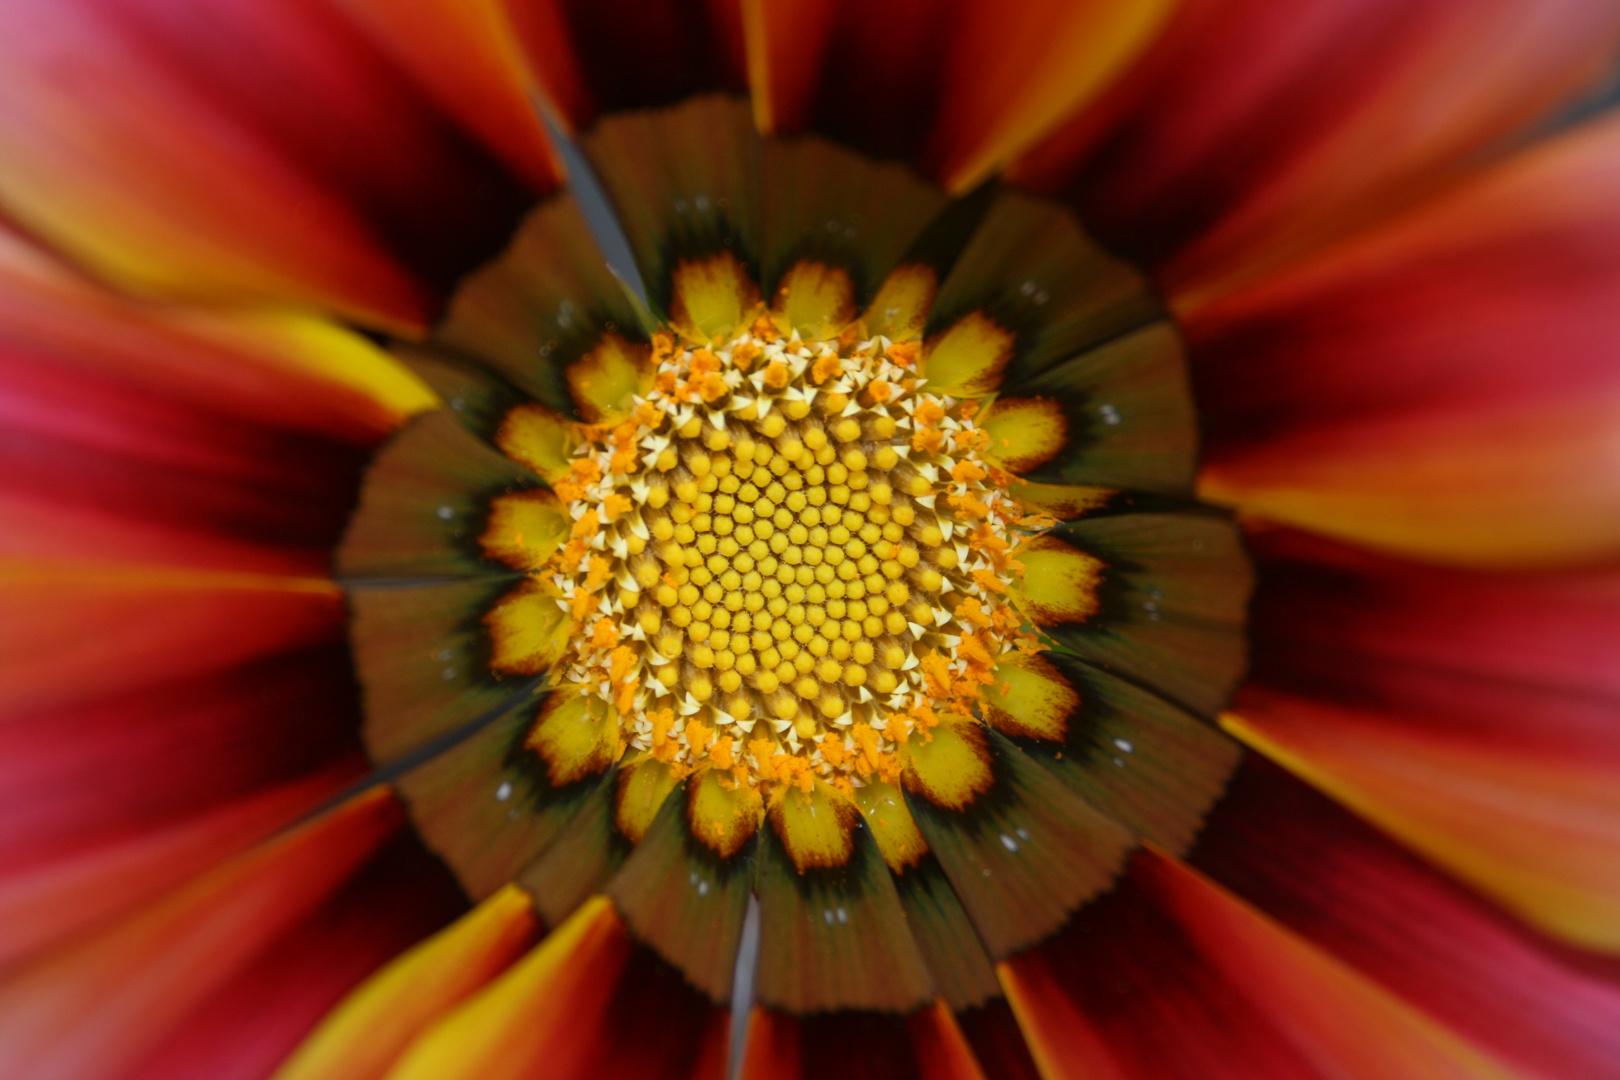 le coeur d'une fleur